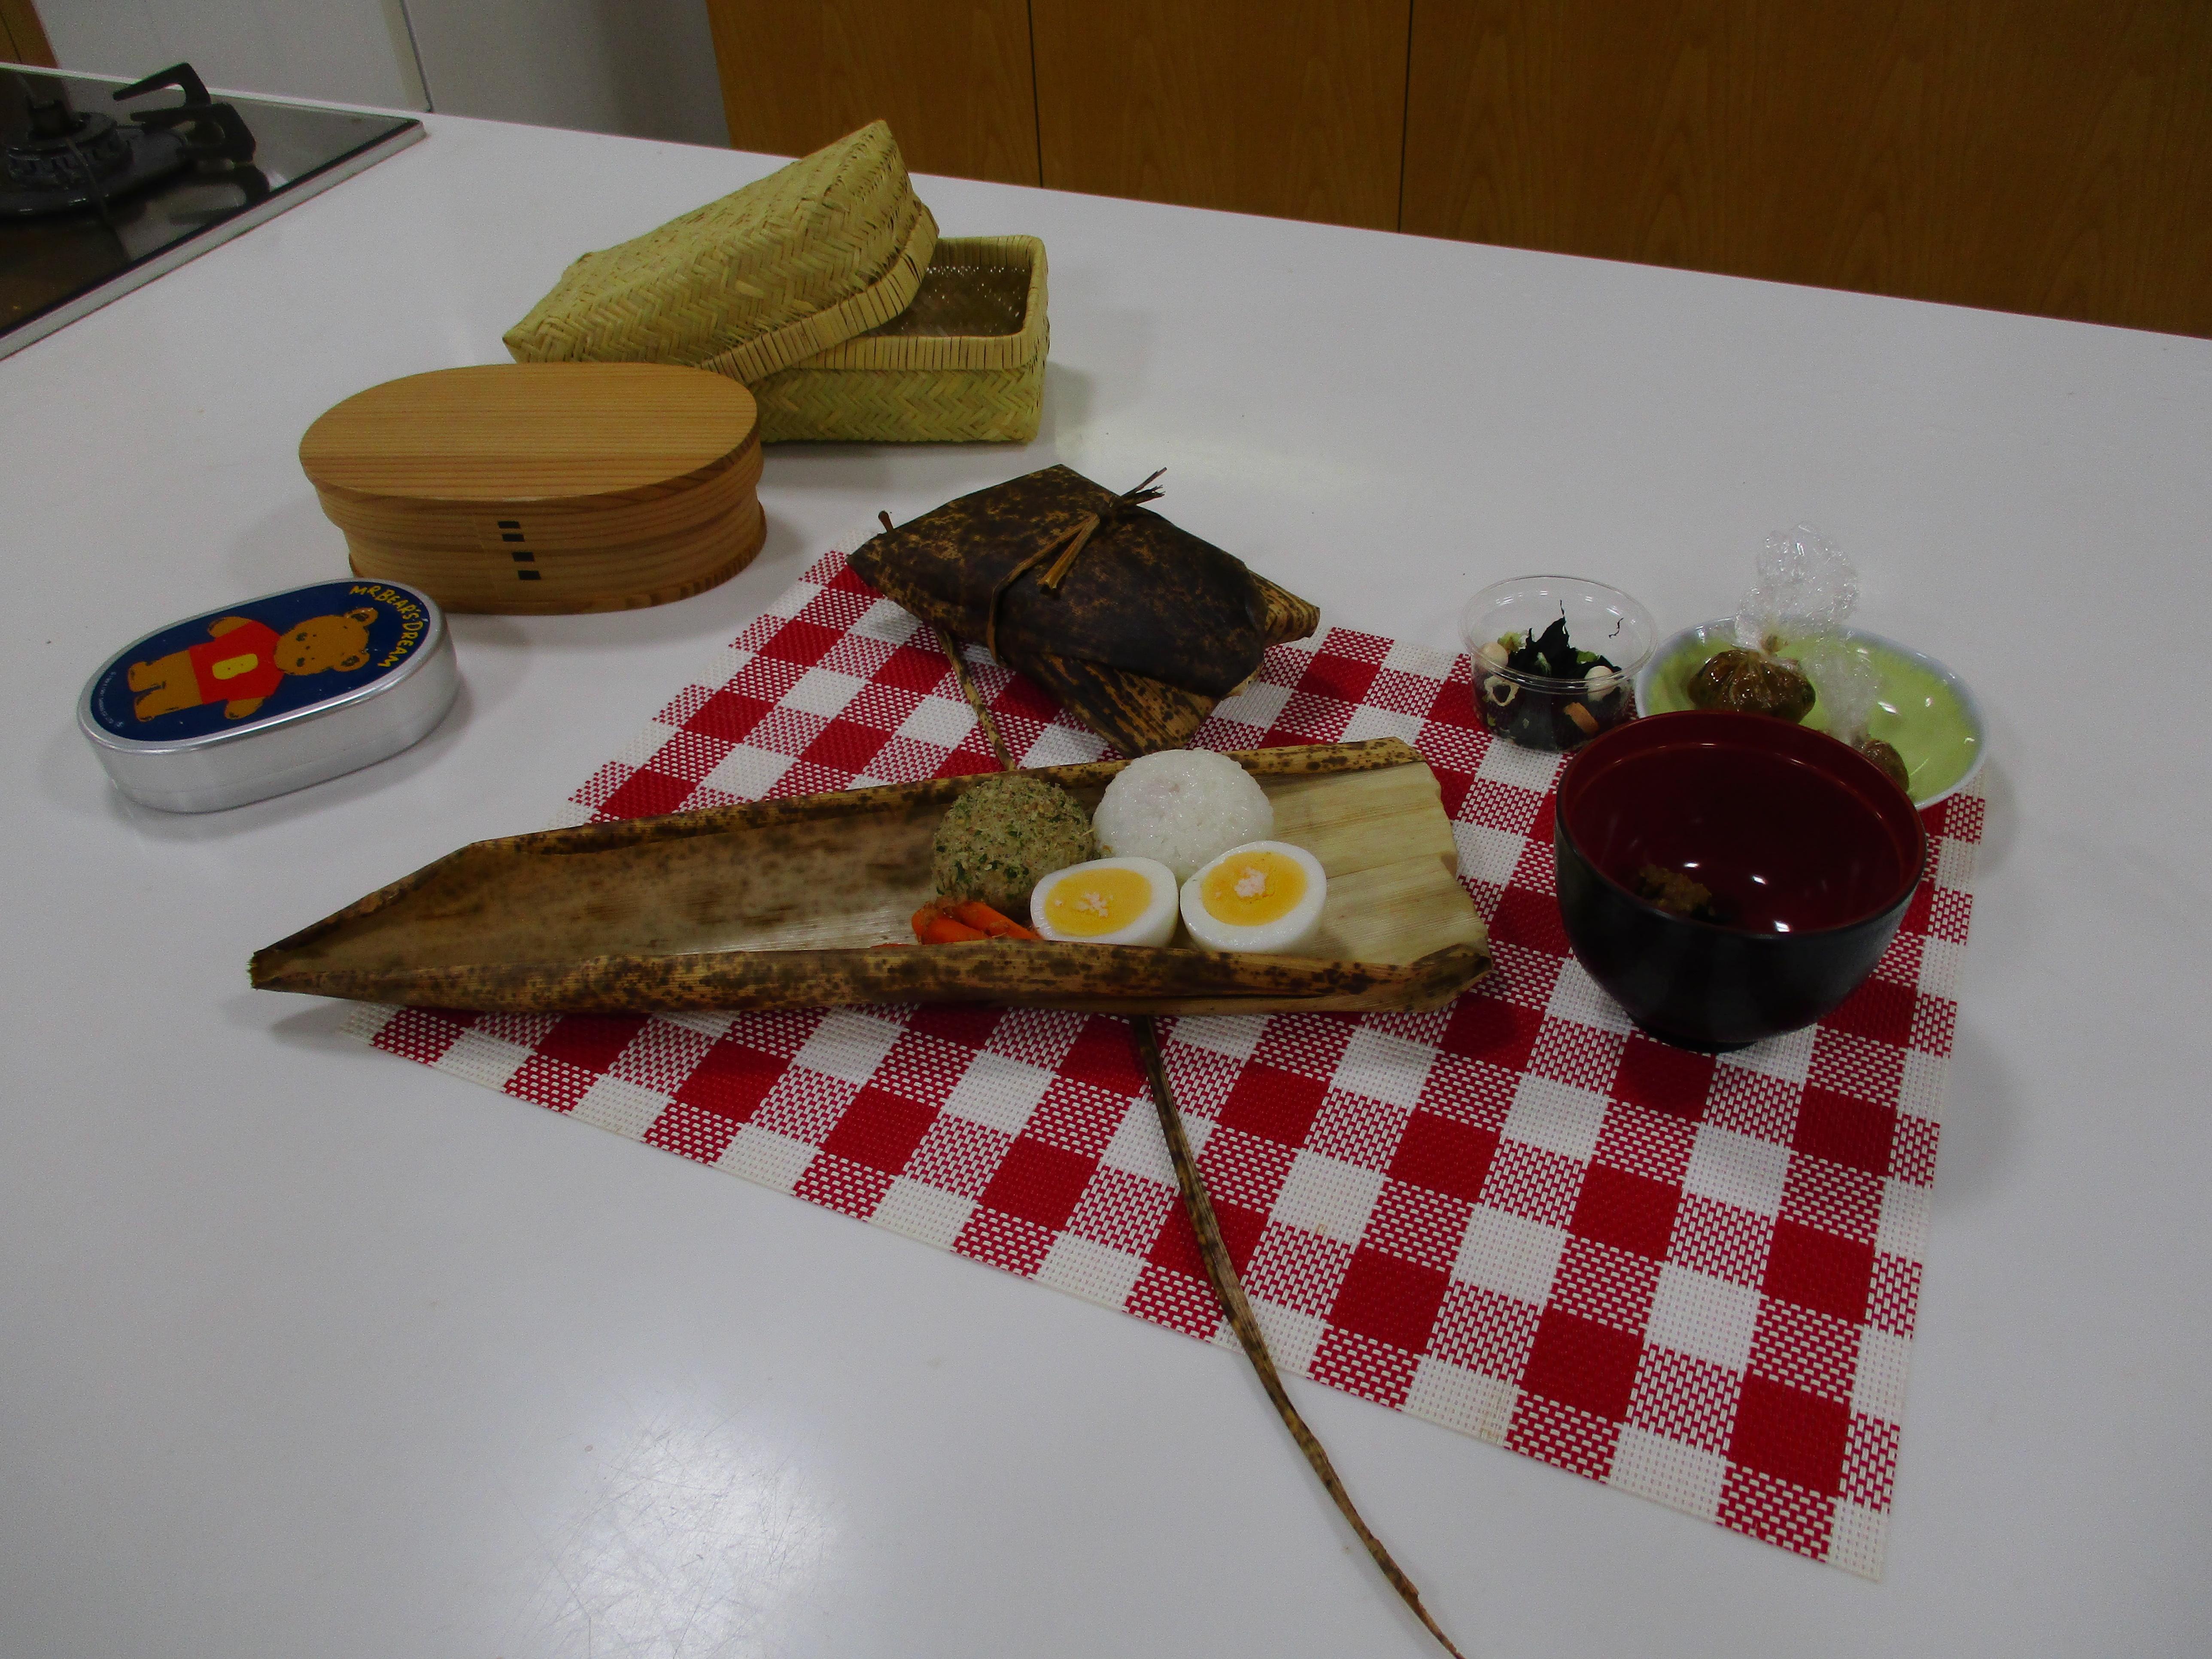 料理教室「ミニキッズキッチン教室 昔のお弁当を作ろう」